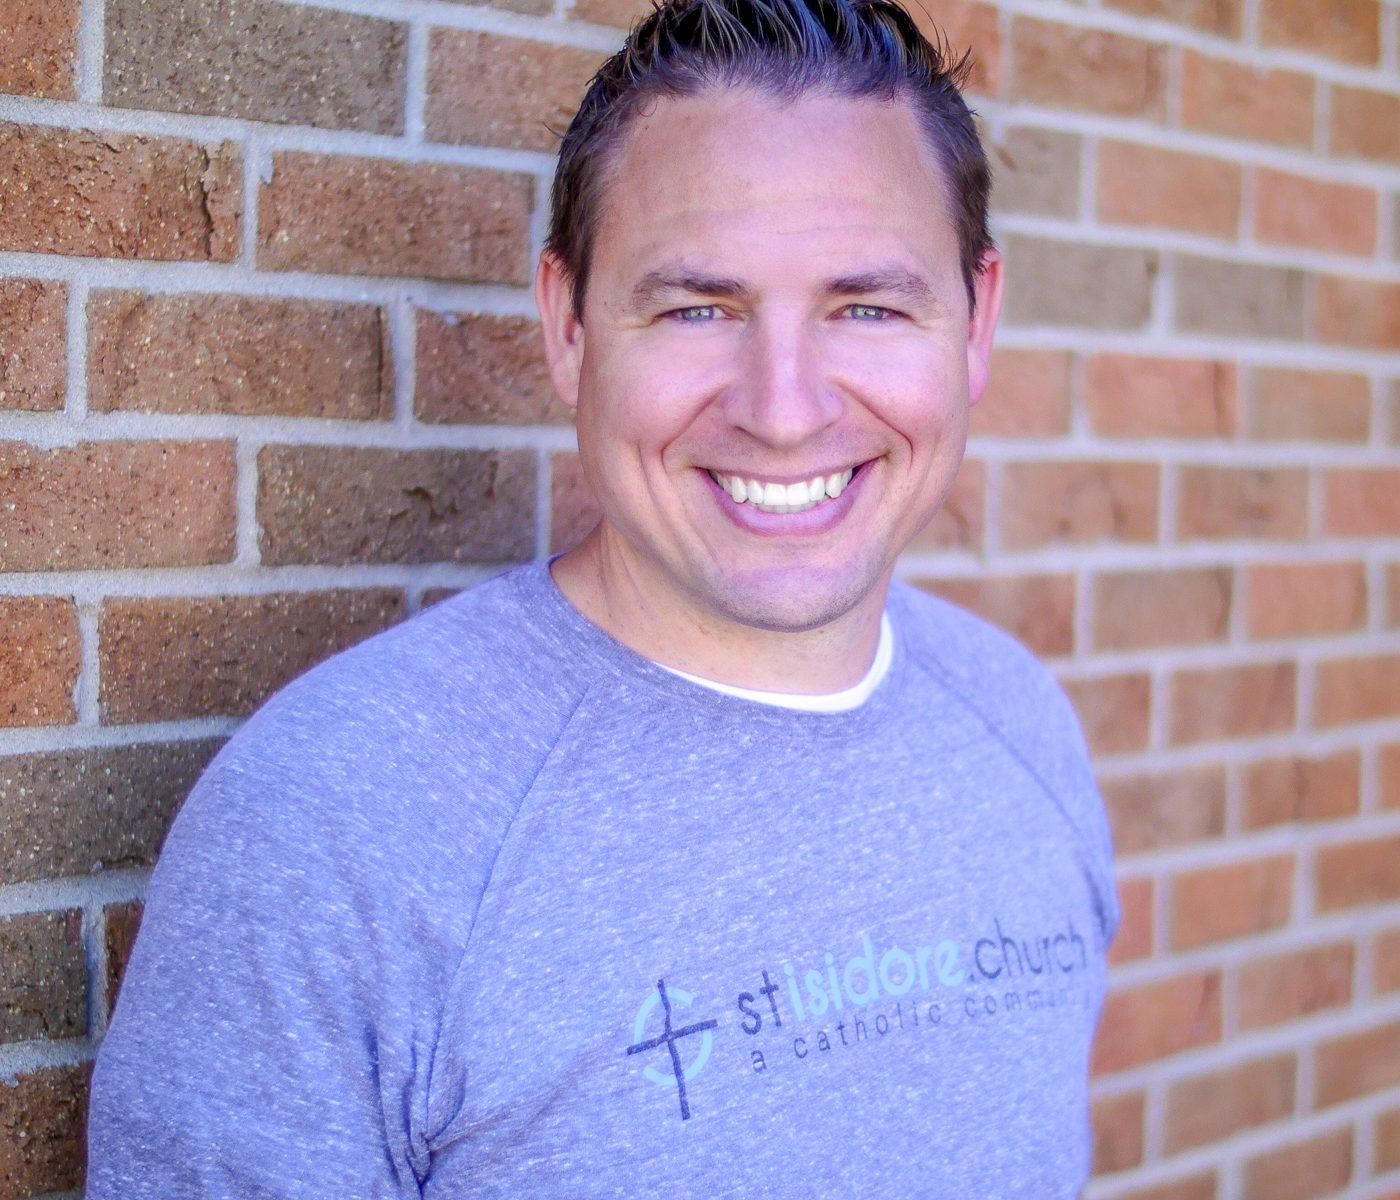 Chris Kozlowski